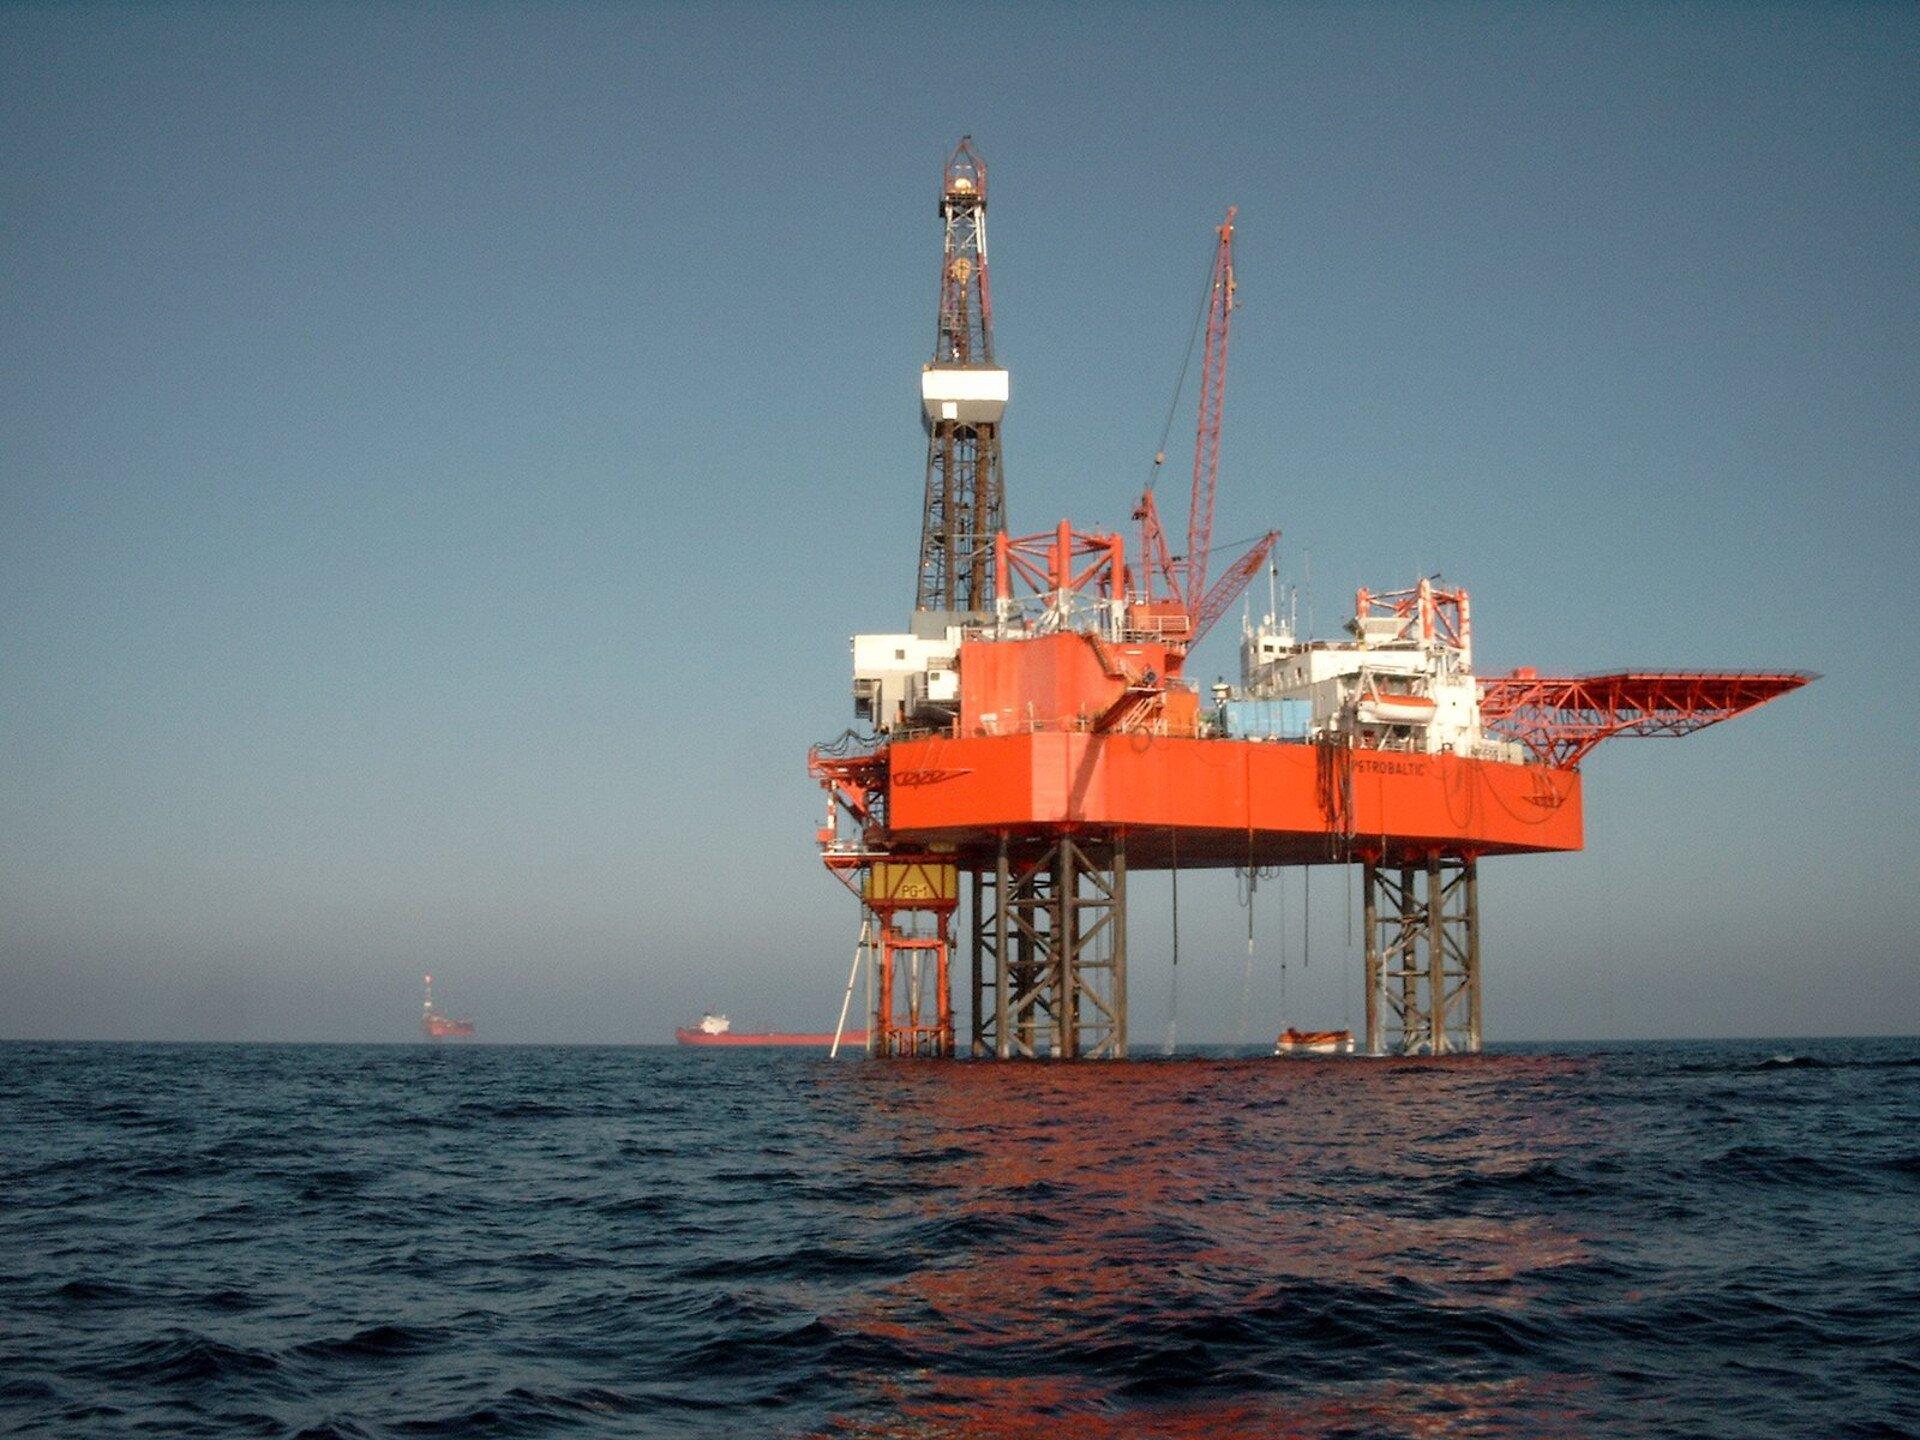 Na zdjęciu platforma wydobywcza zamontowana na kilku palach stojących wwodzie. Na niej urządzenia przemysłowe, dźwigi.